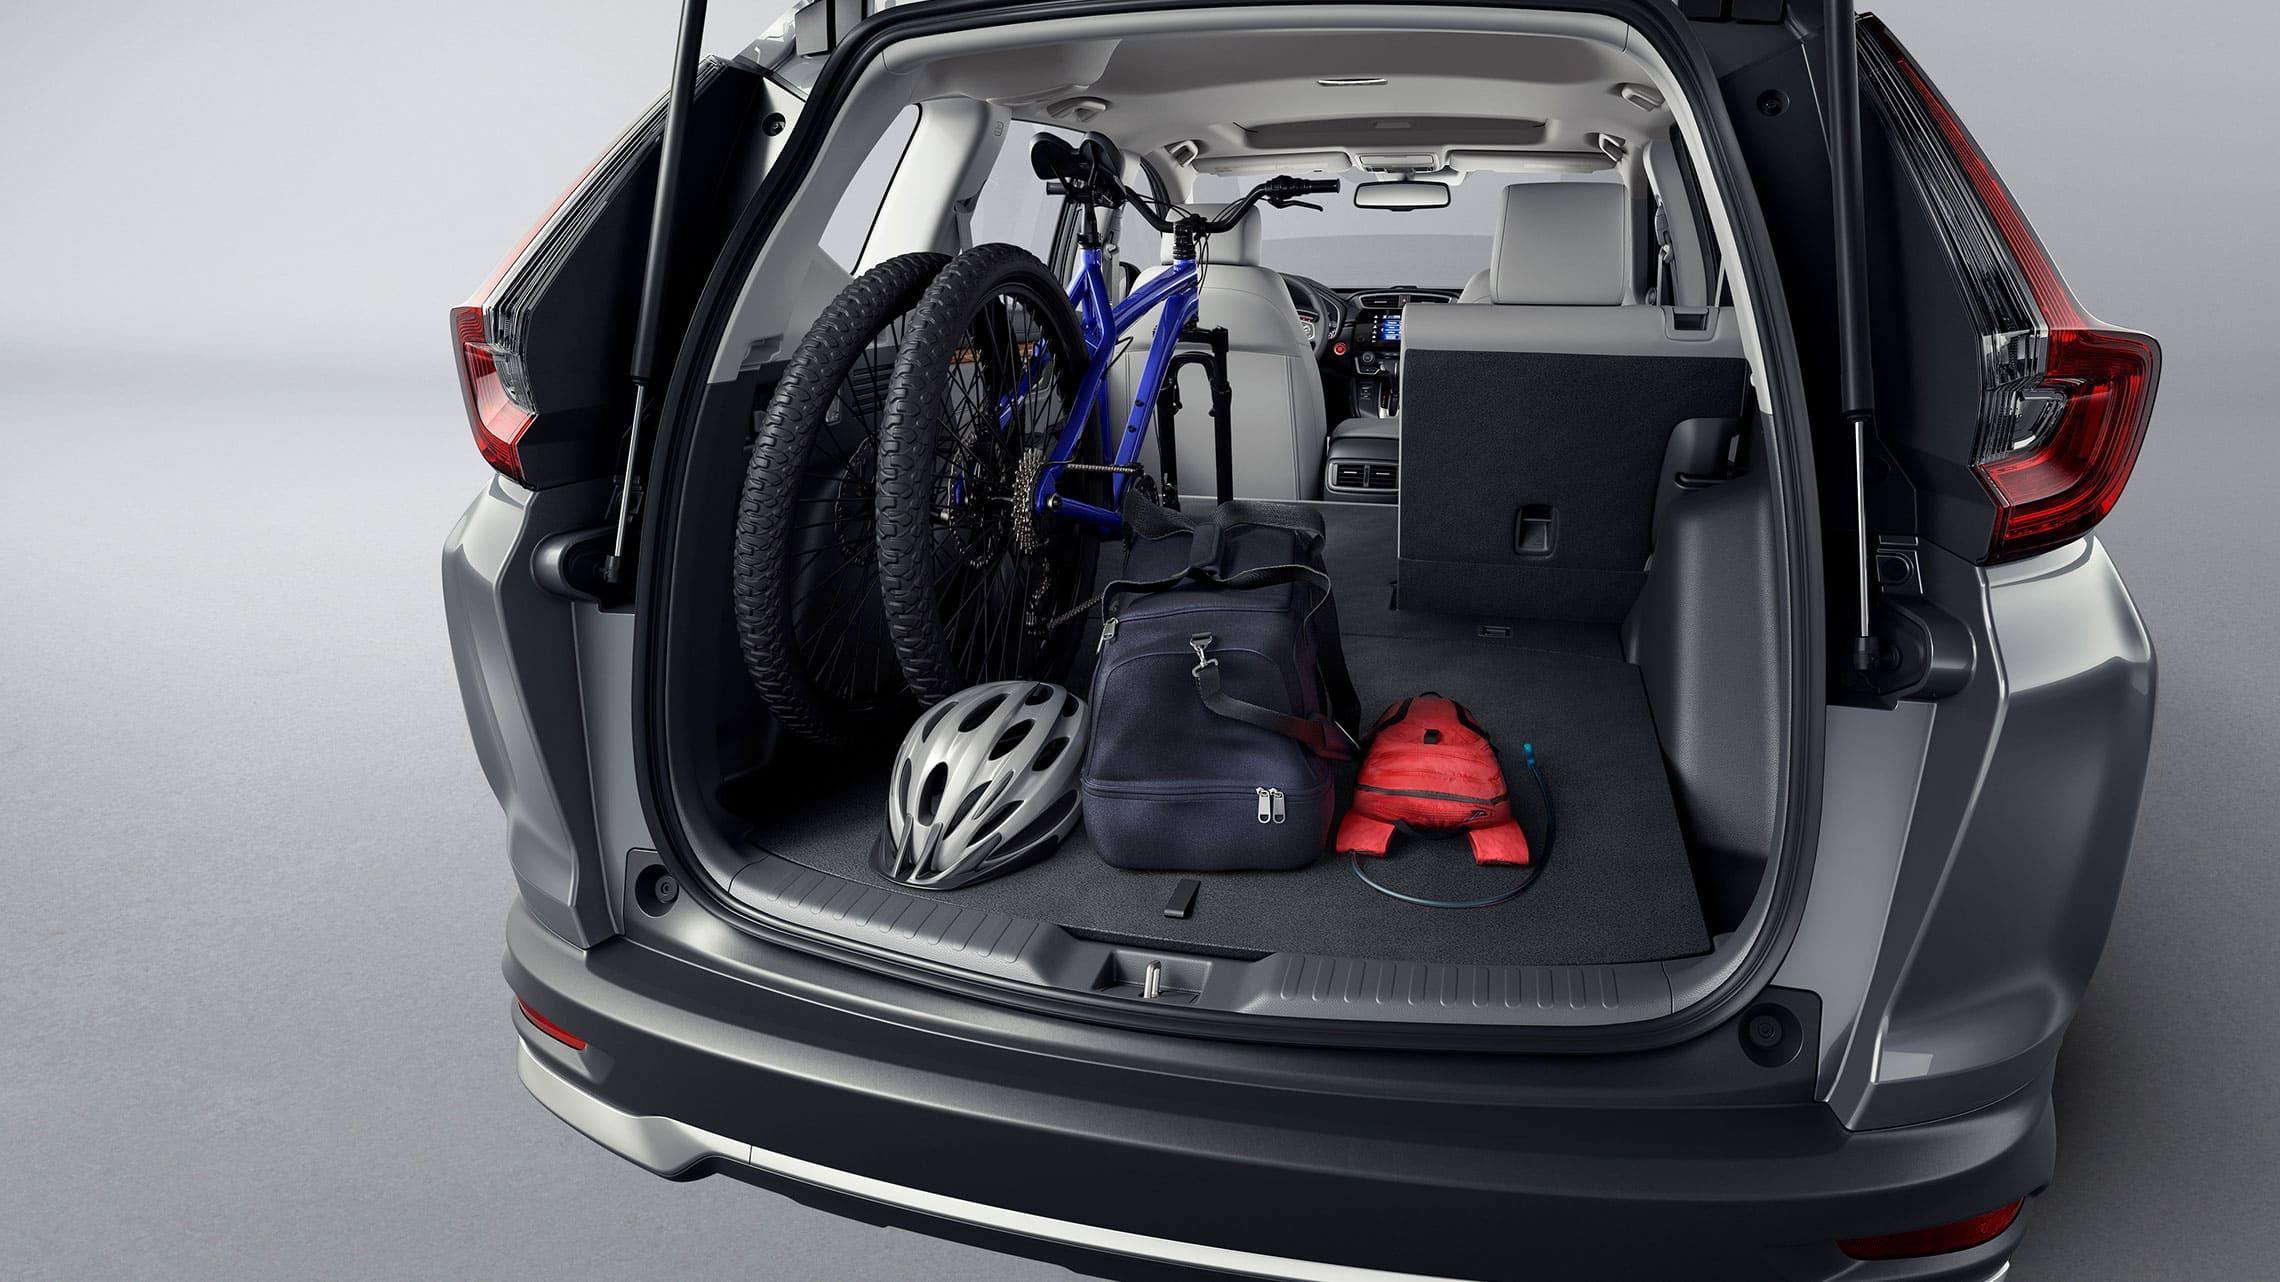 Vista trasera de la Honda CR-V Touring2020 en Modern Steel Metallic mostrando el espacio de carga.